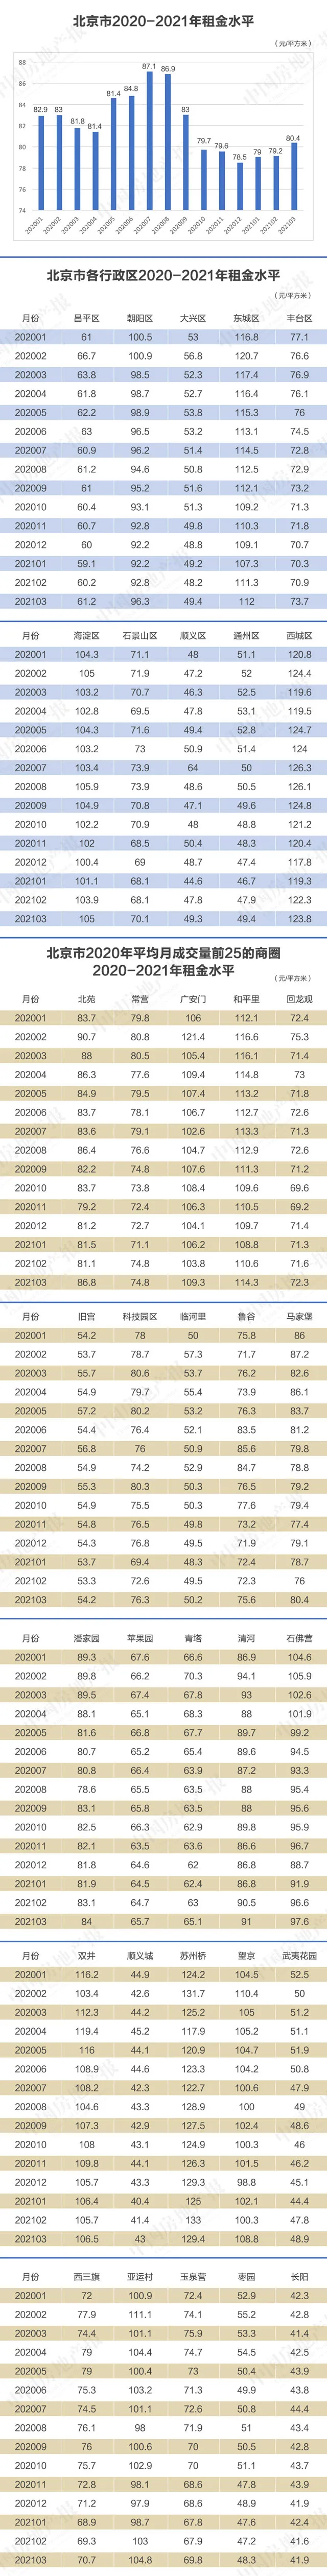 """""""优质房源要靠抢!""""北京租房市场正在回暖"""